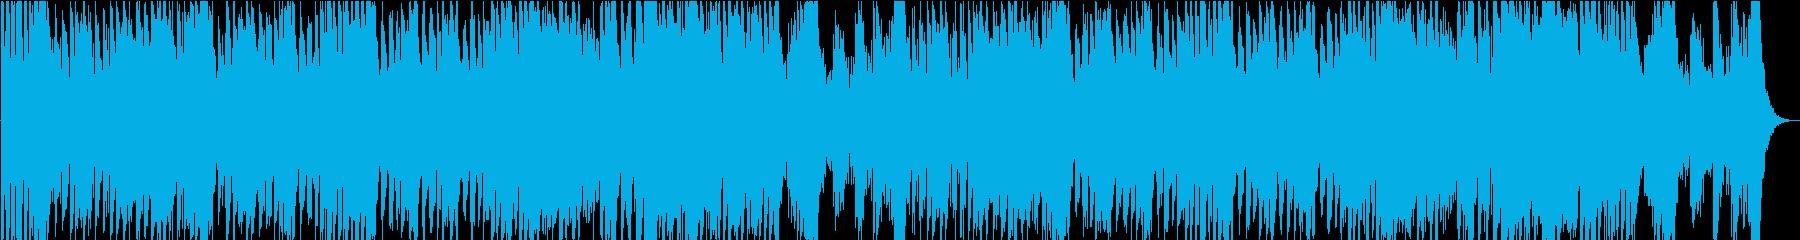 和オーケストラ_激しい演舞の再生済みの波形